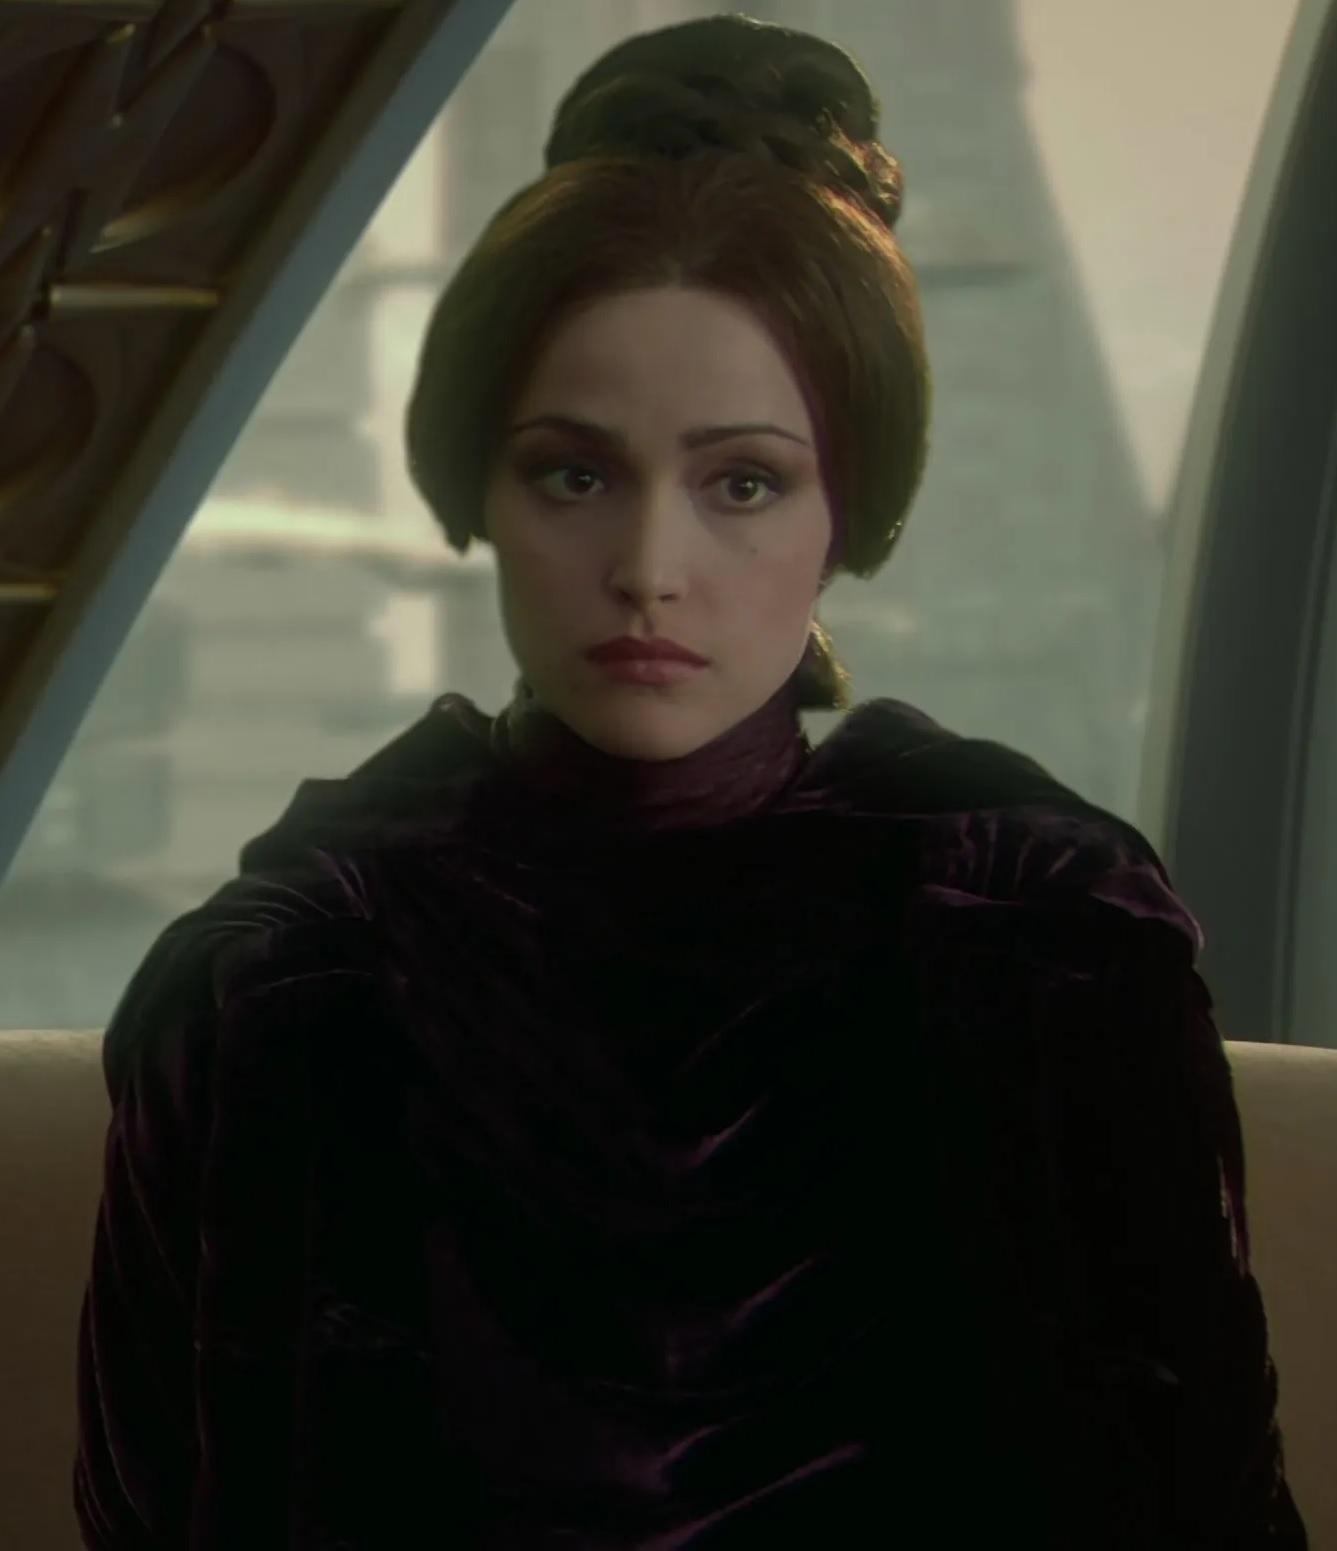 File:Rose Byrne as Dormé.jpg